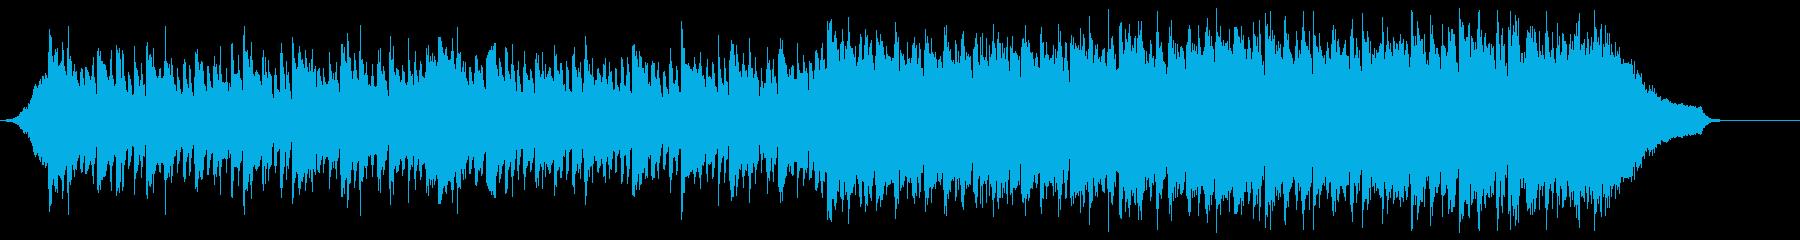 企業VP映像、108オーケストラ、爽快bの再生済みの波形